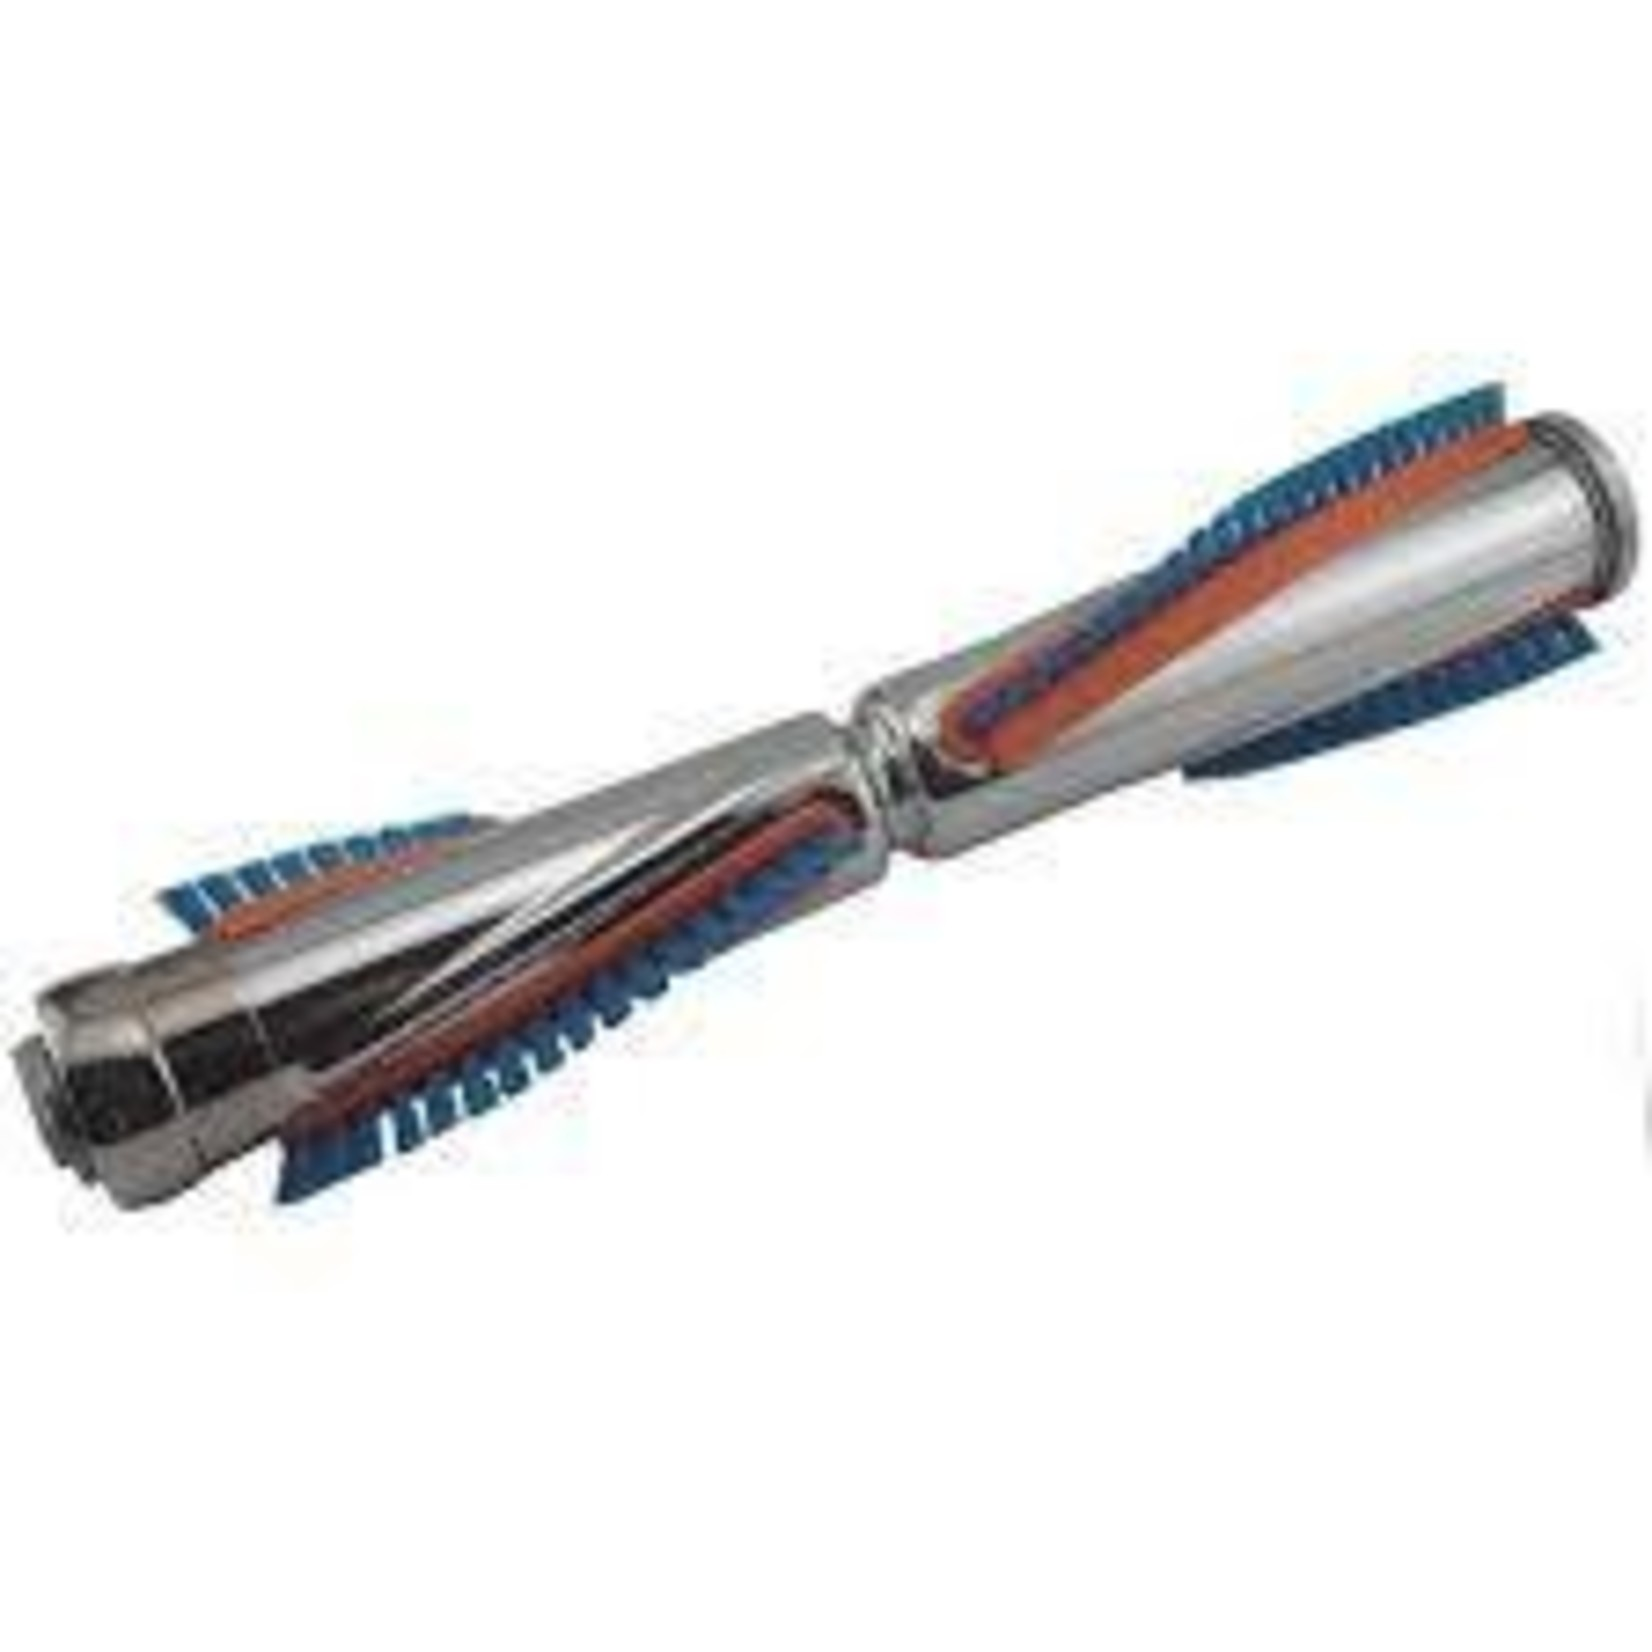 BEAM Beam Rugmaster & Sweep n' Groom Brushroll w/ Removable Brushes